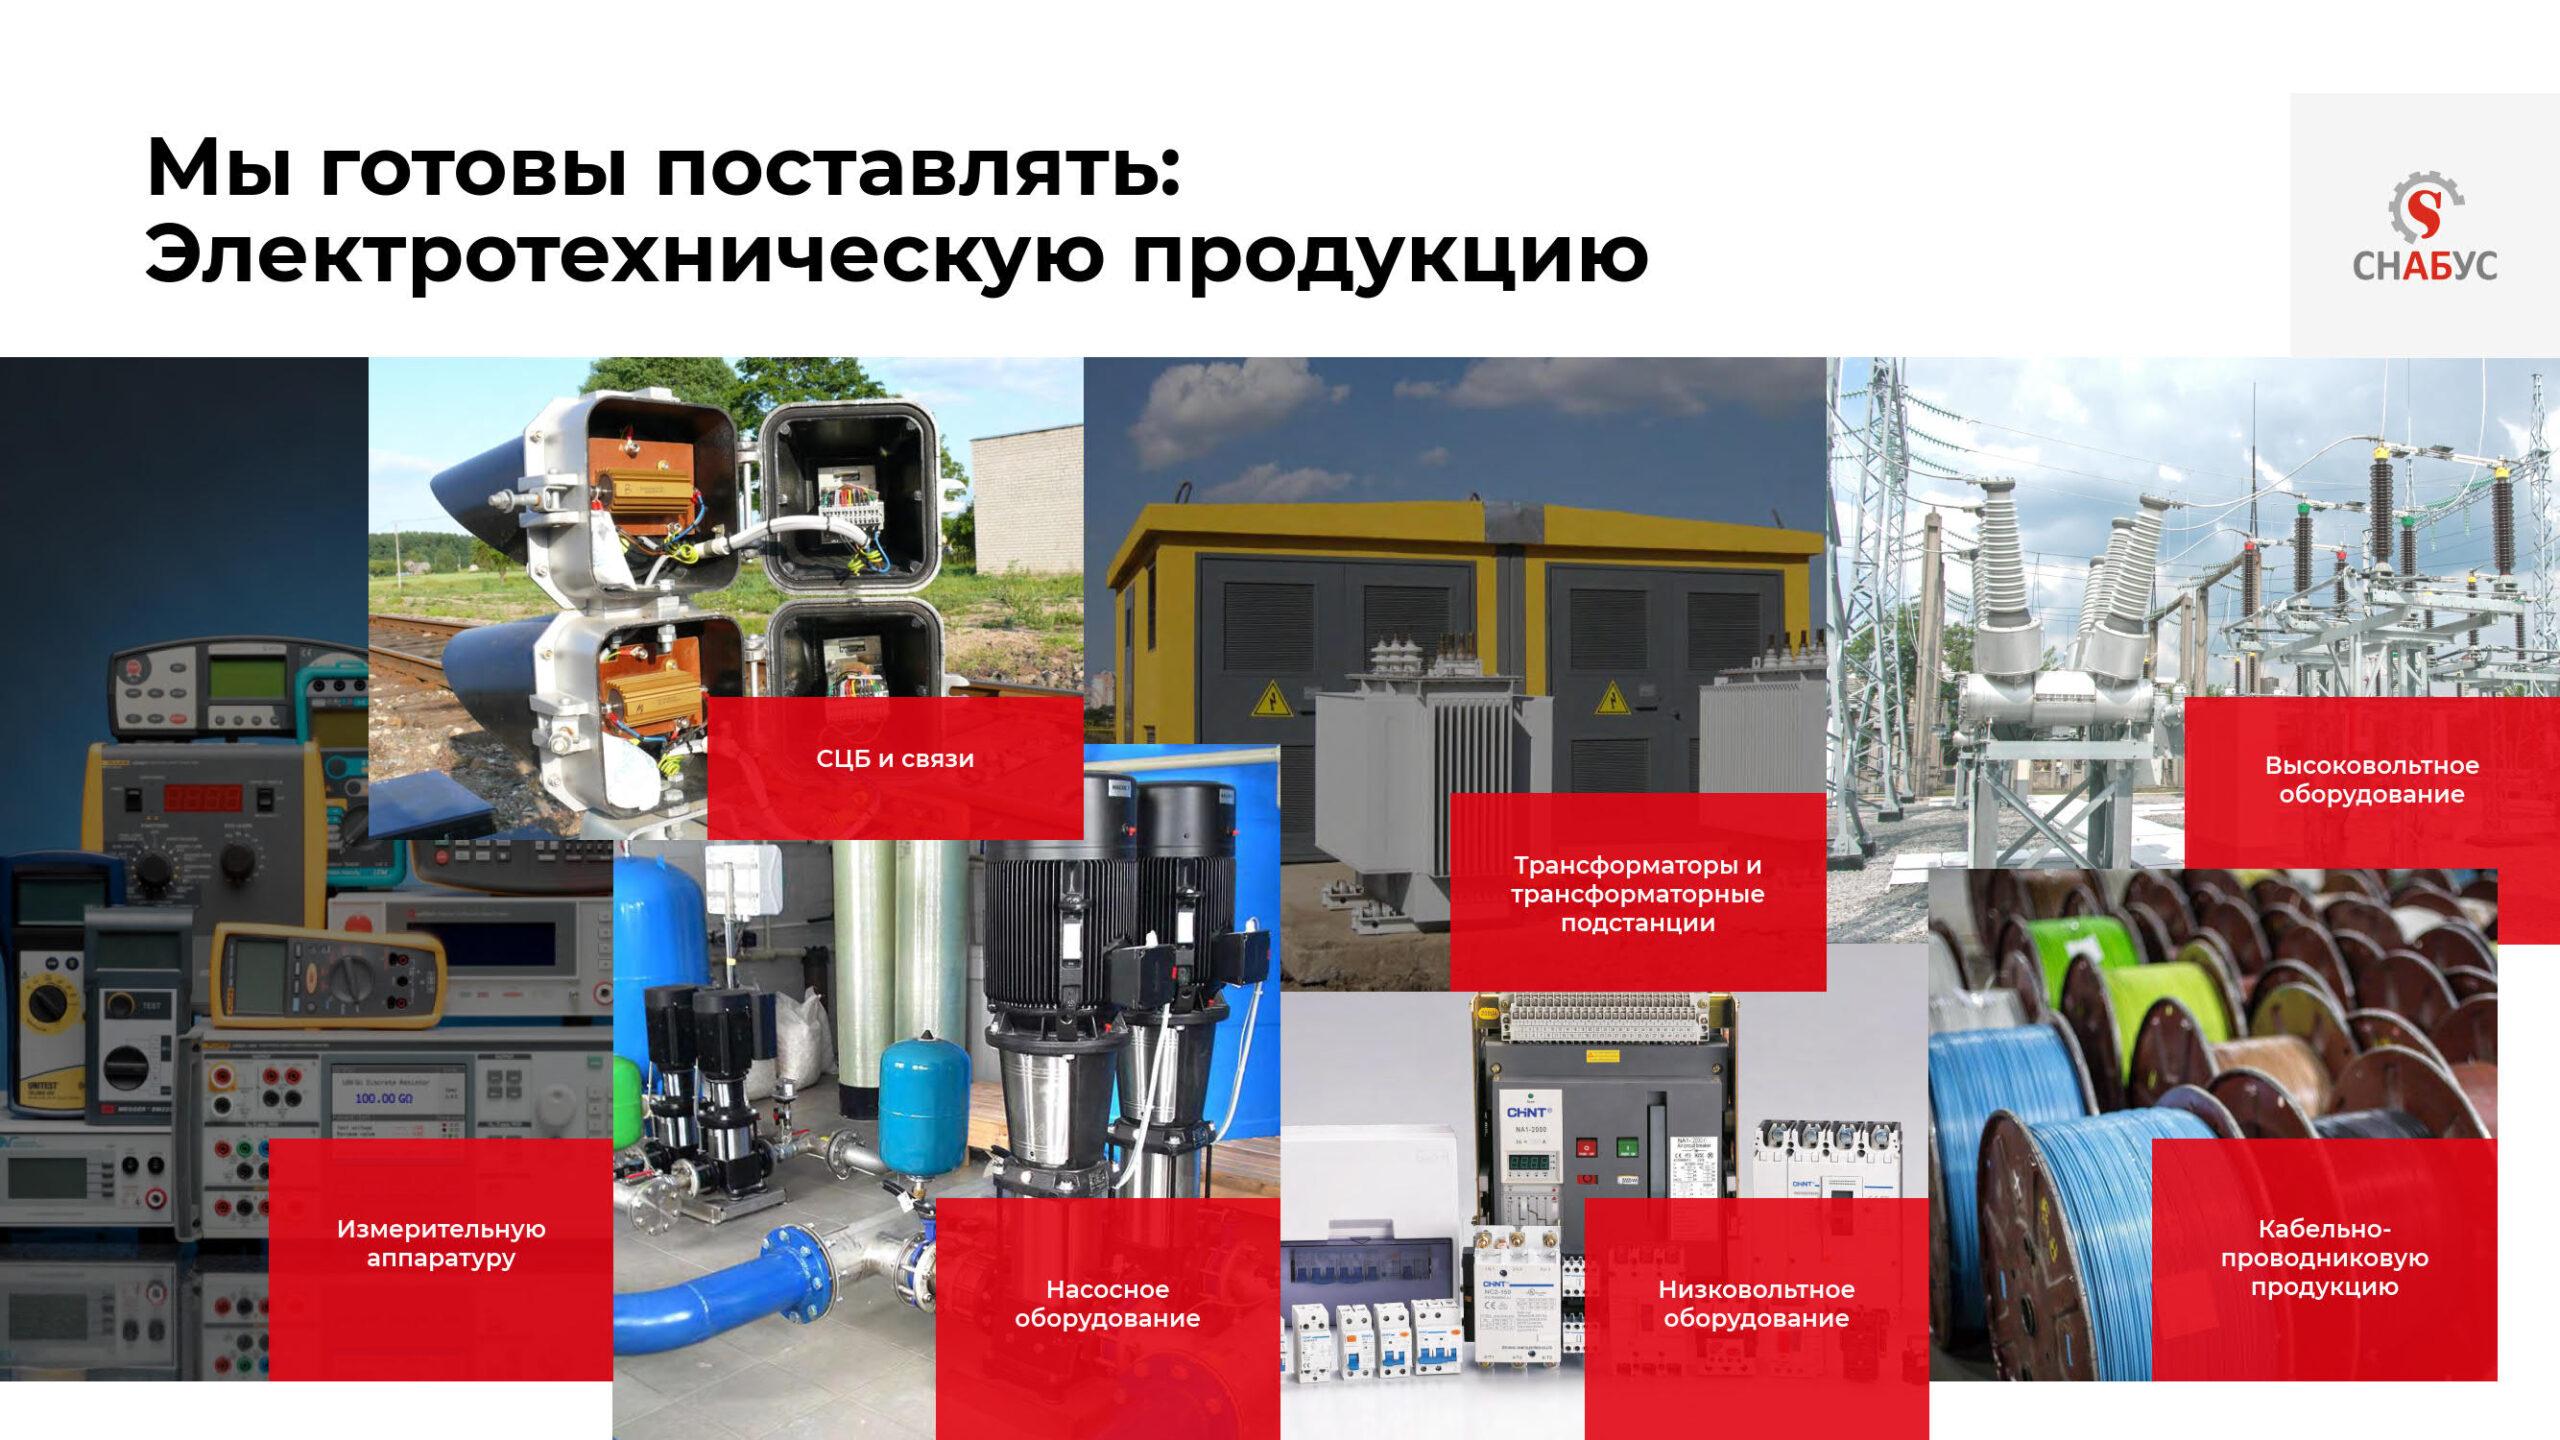 Презентация продукции оптовой торговой компании «Снабус»